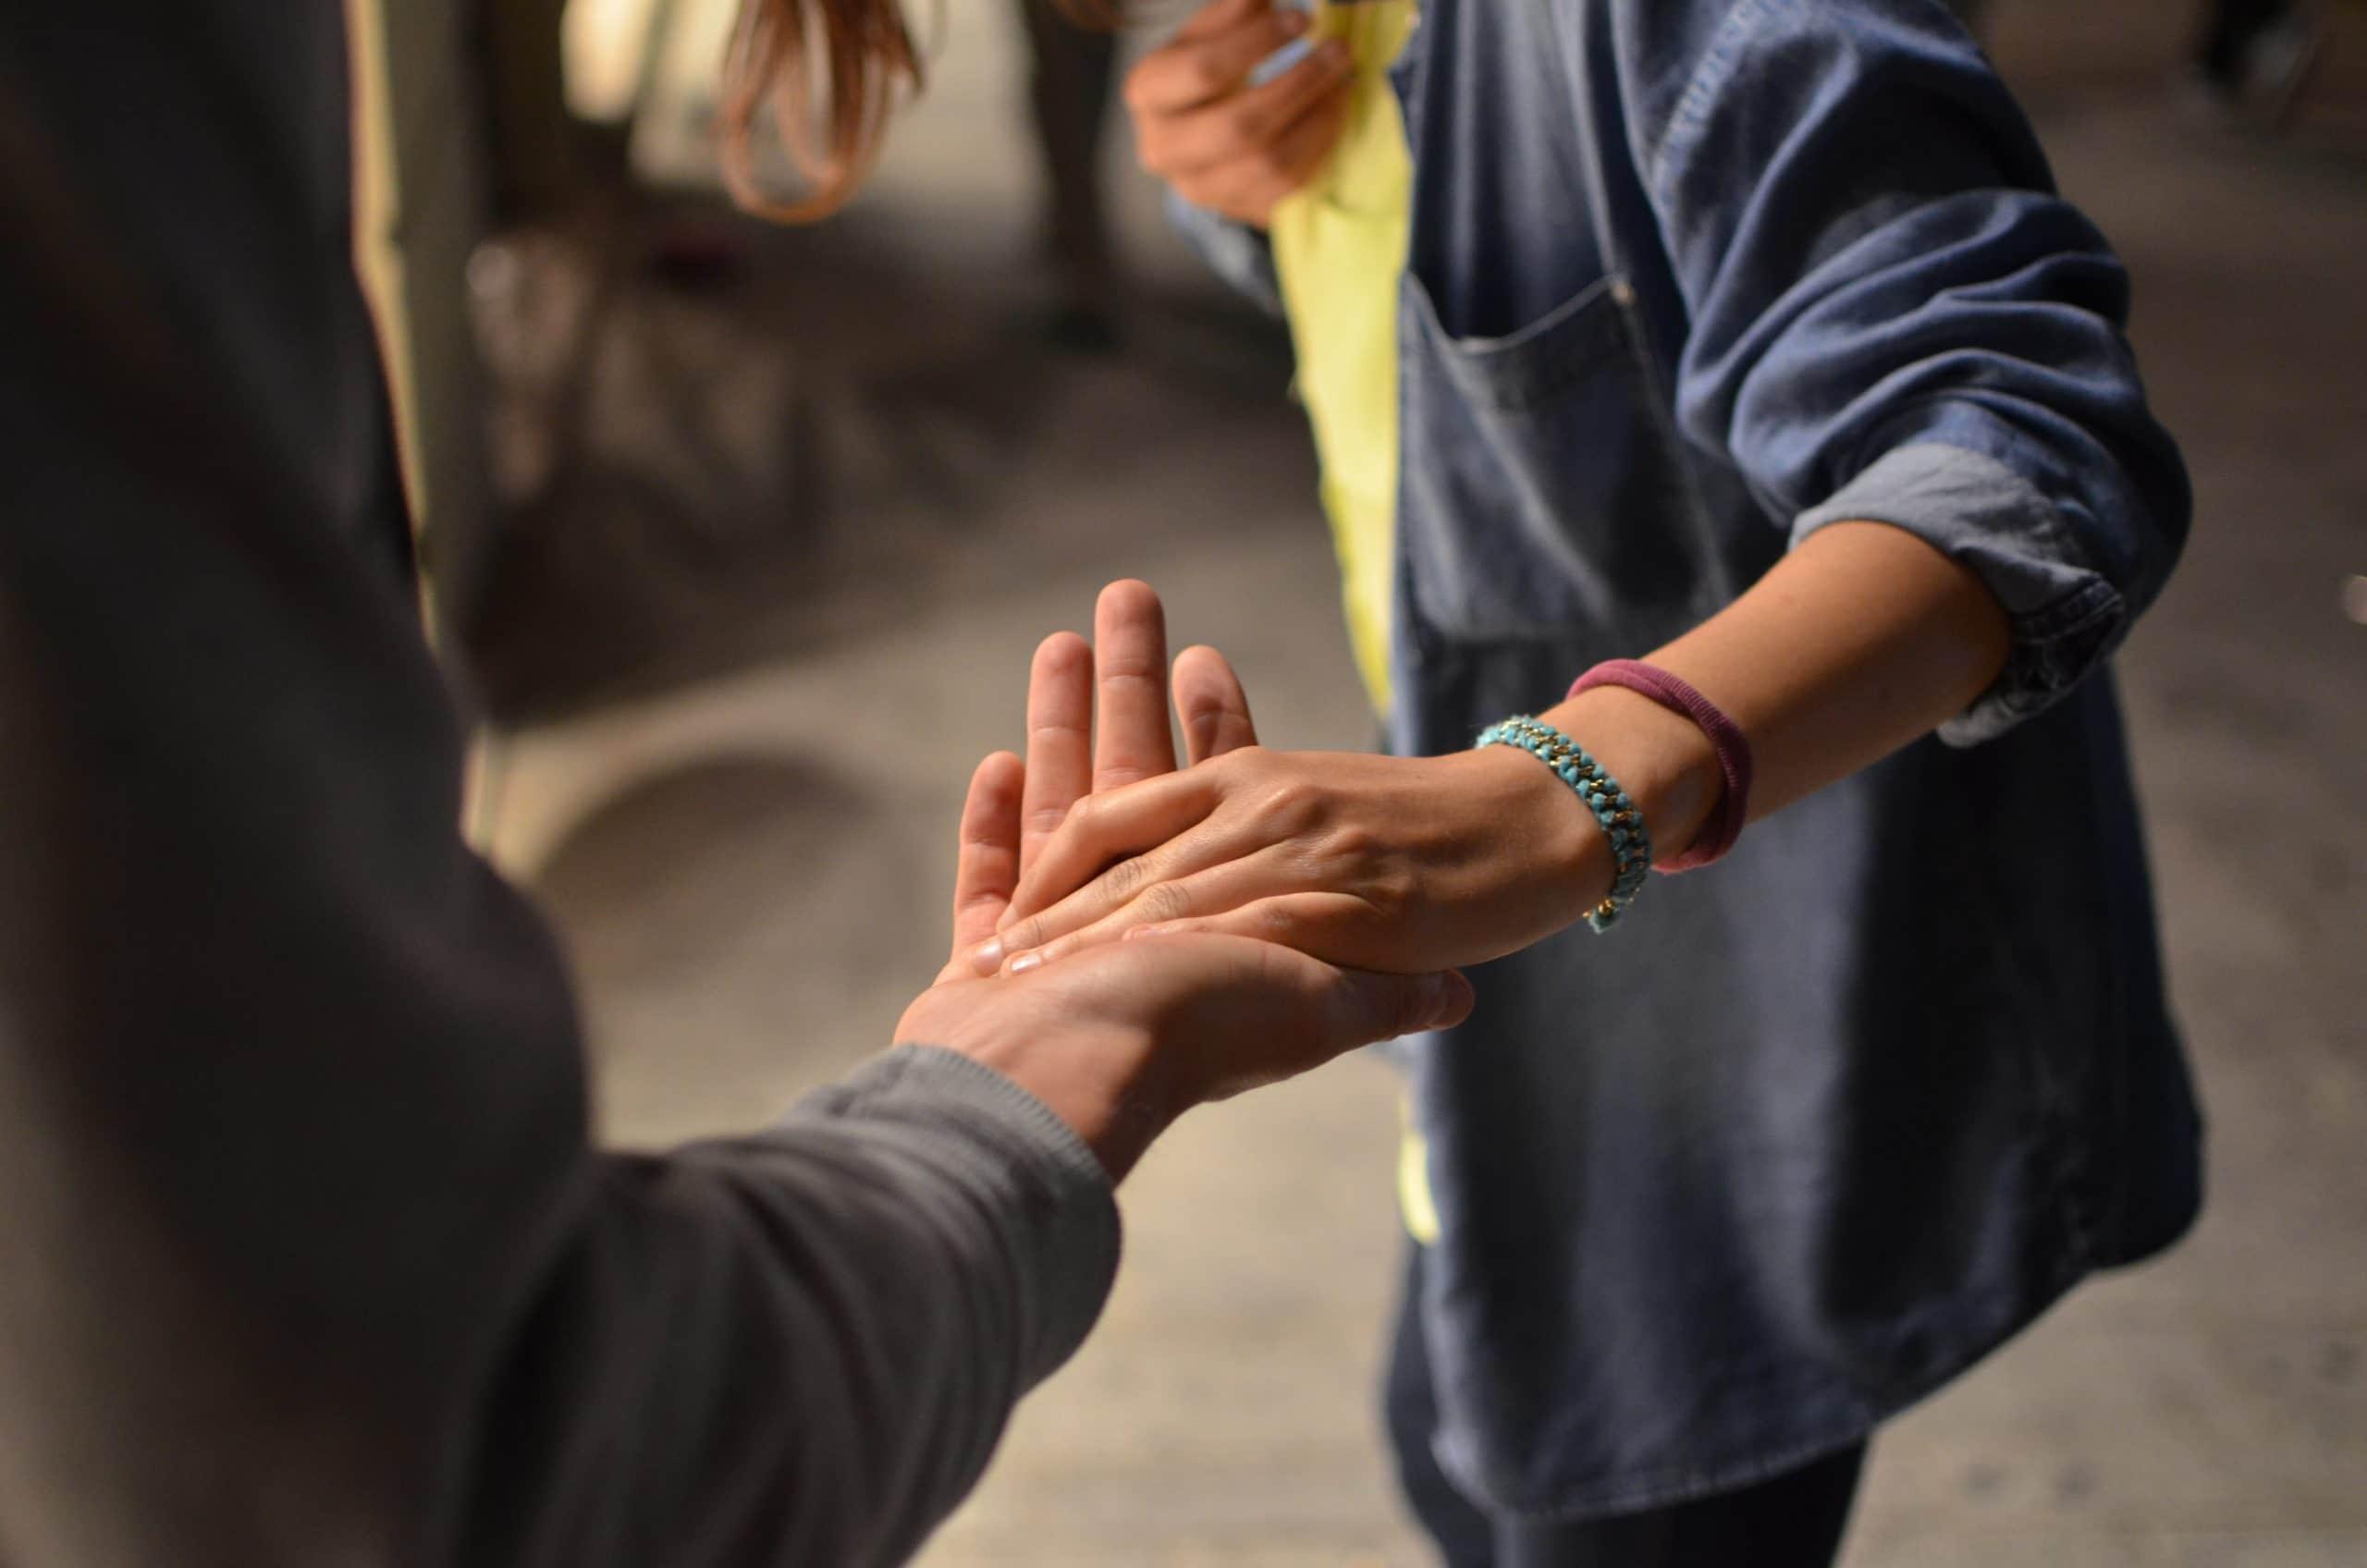 Duas pessoas dando as mãos.